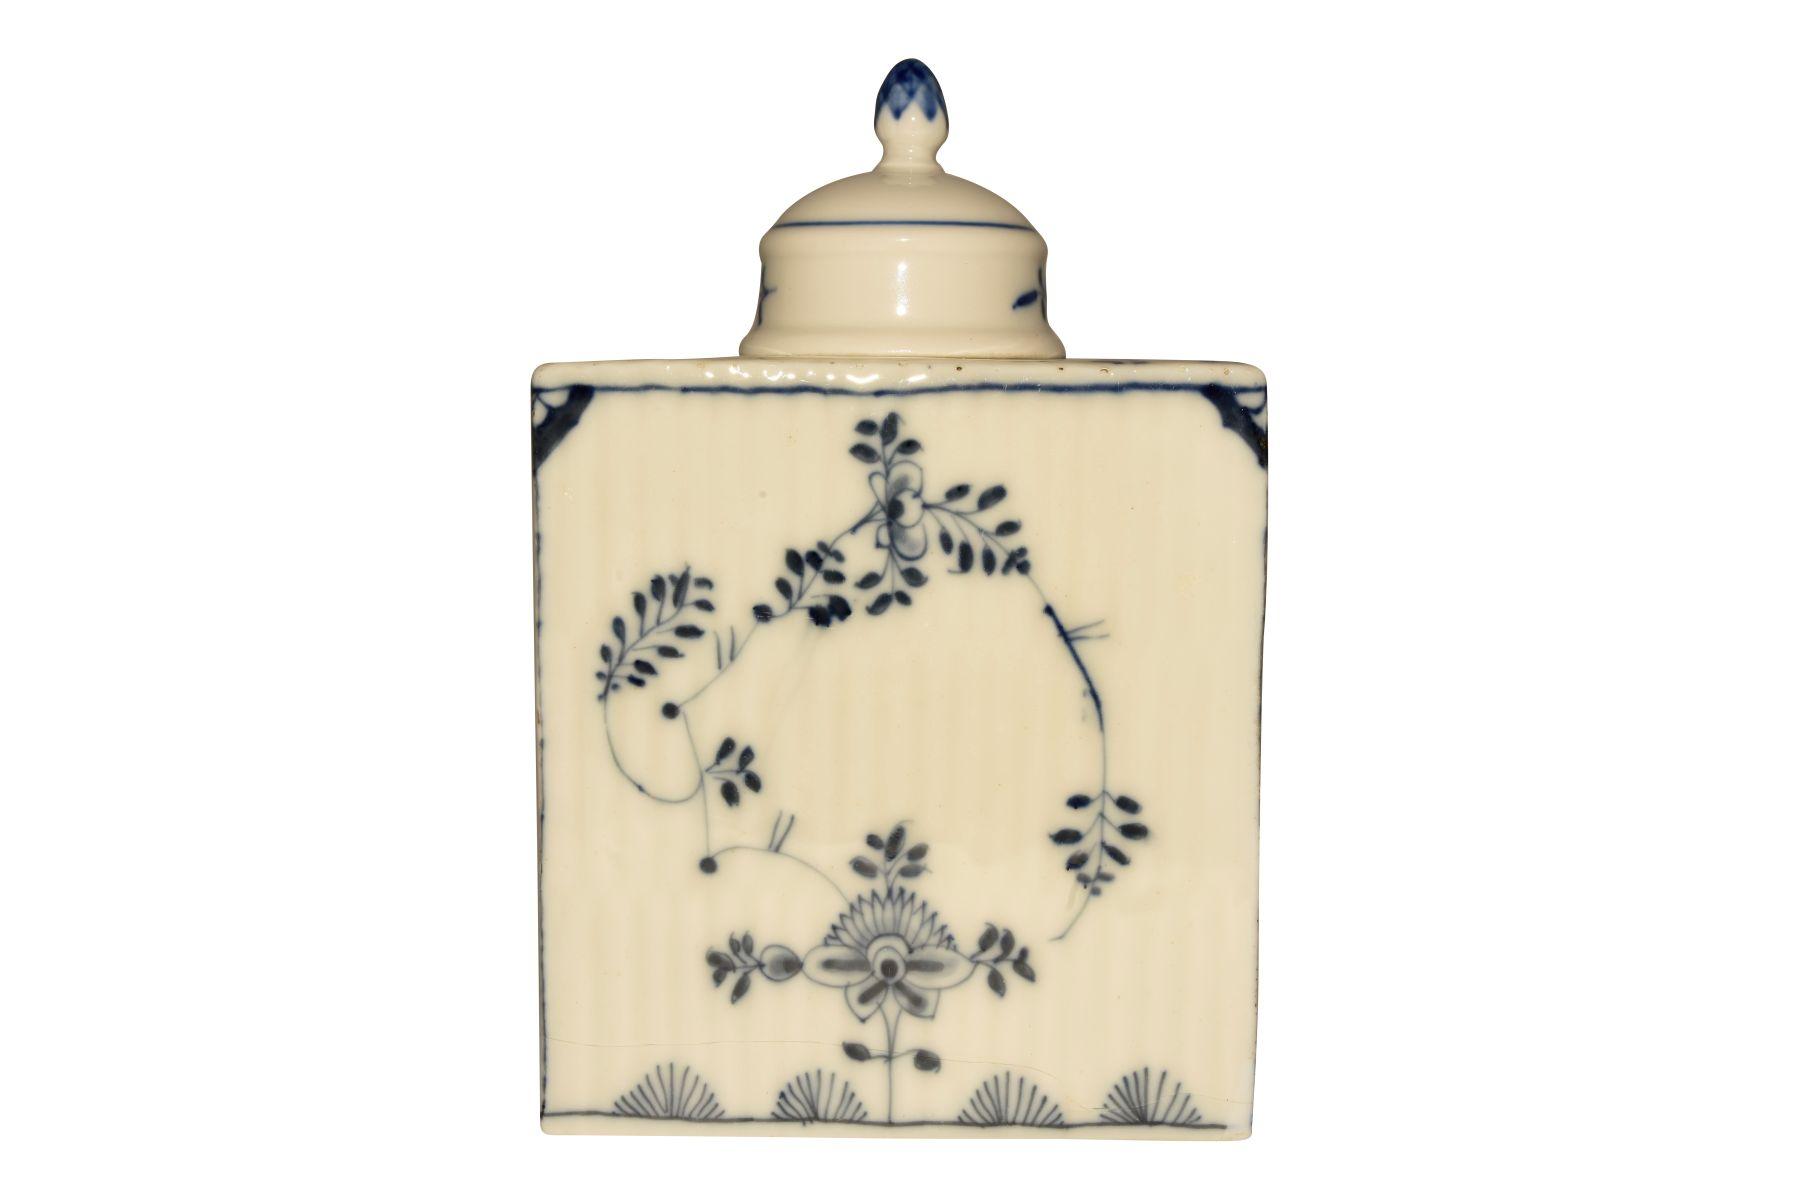 #130 Tea caddy with lid, Meissen 1750 | Teedosee mit Deckel, Meissen 1750 Image